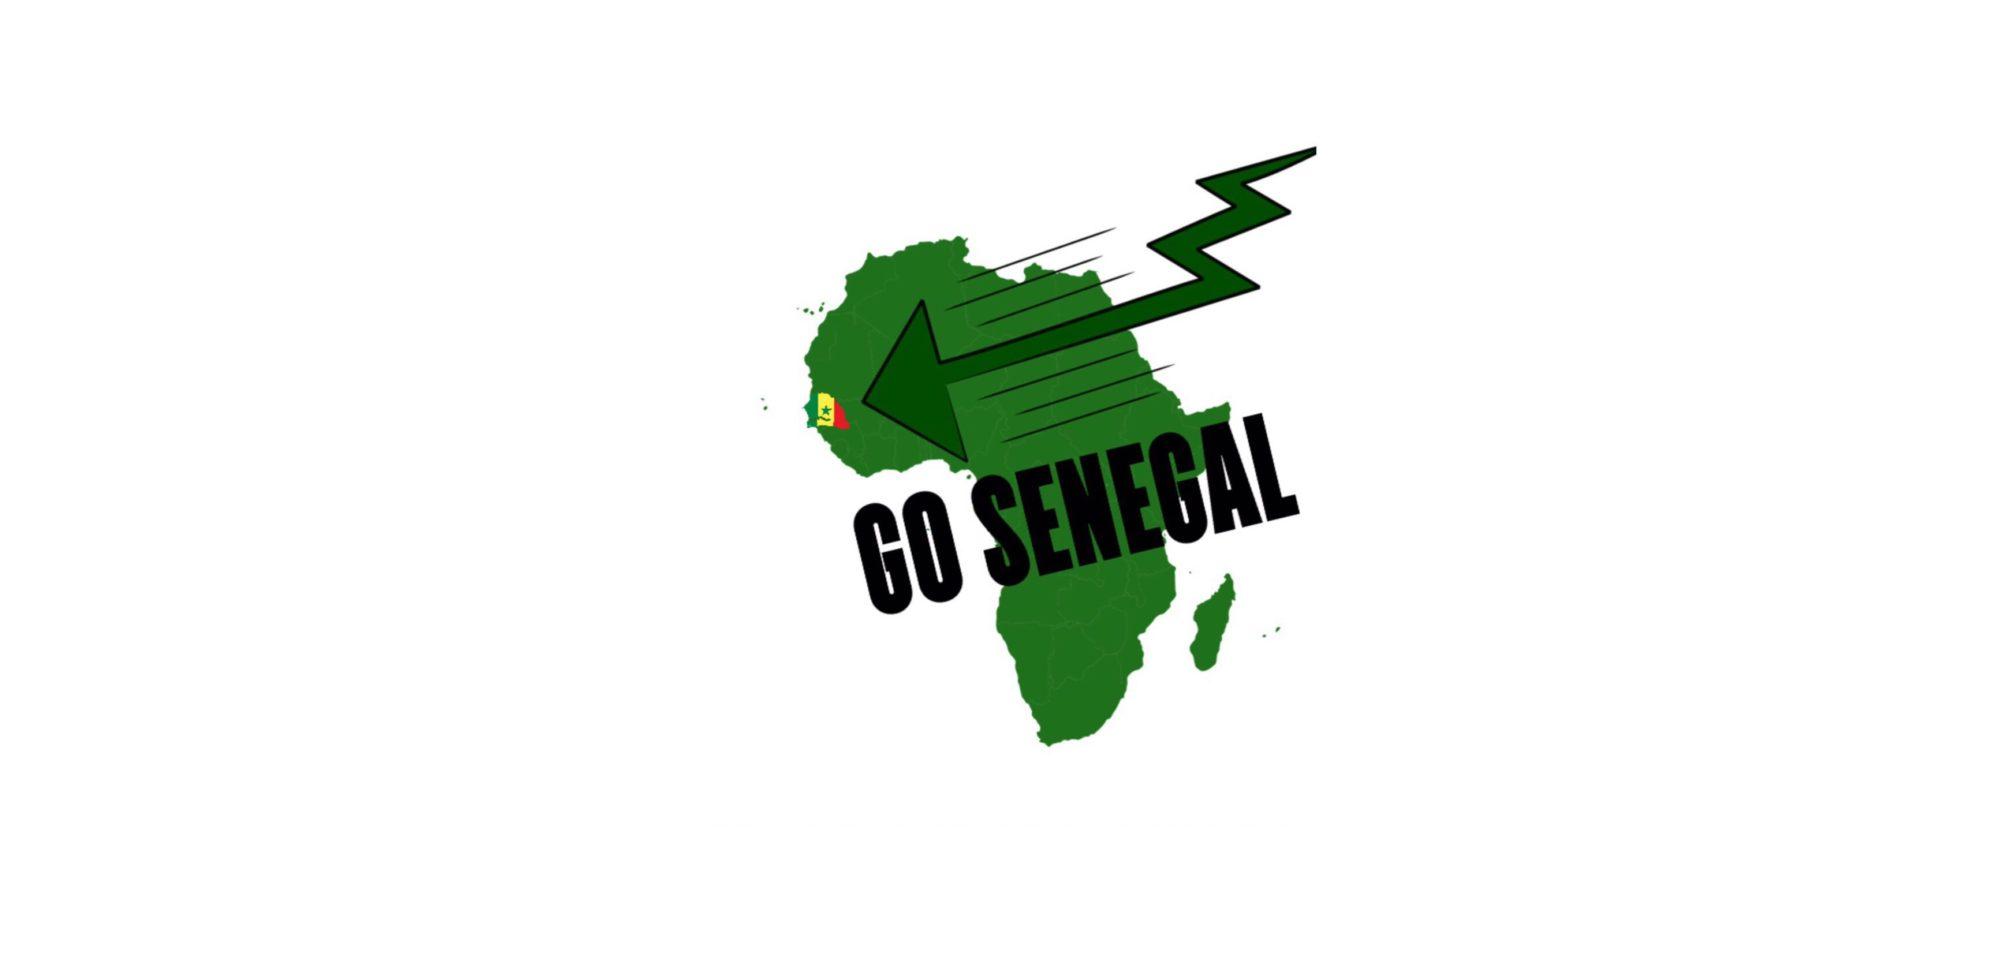 GO SENEGAL